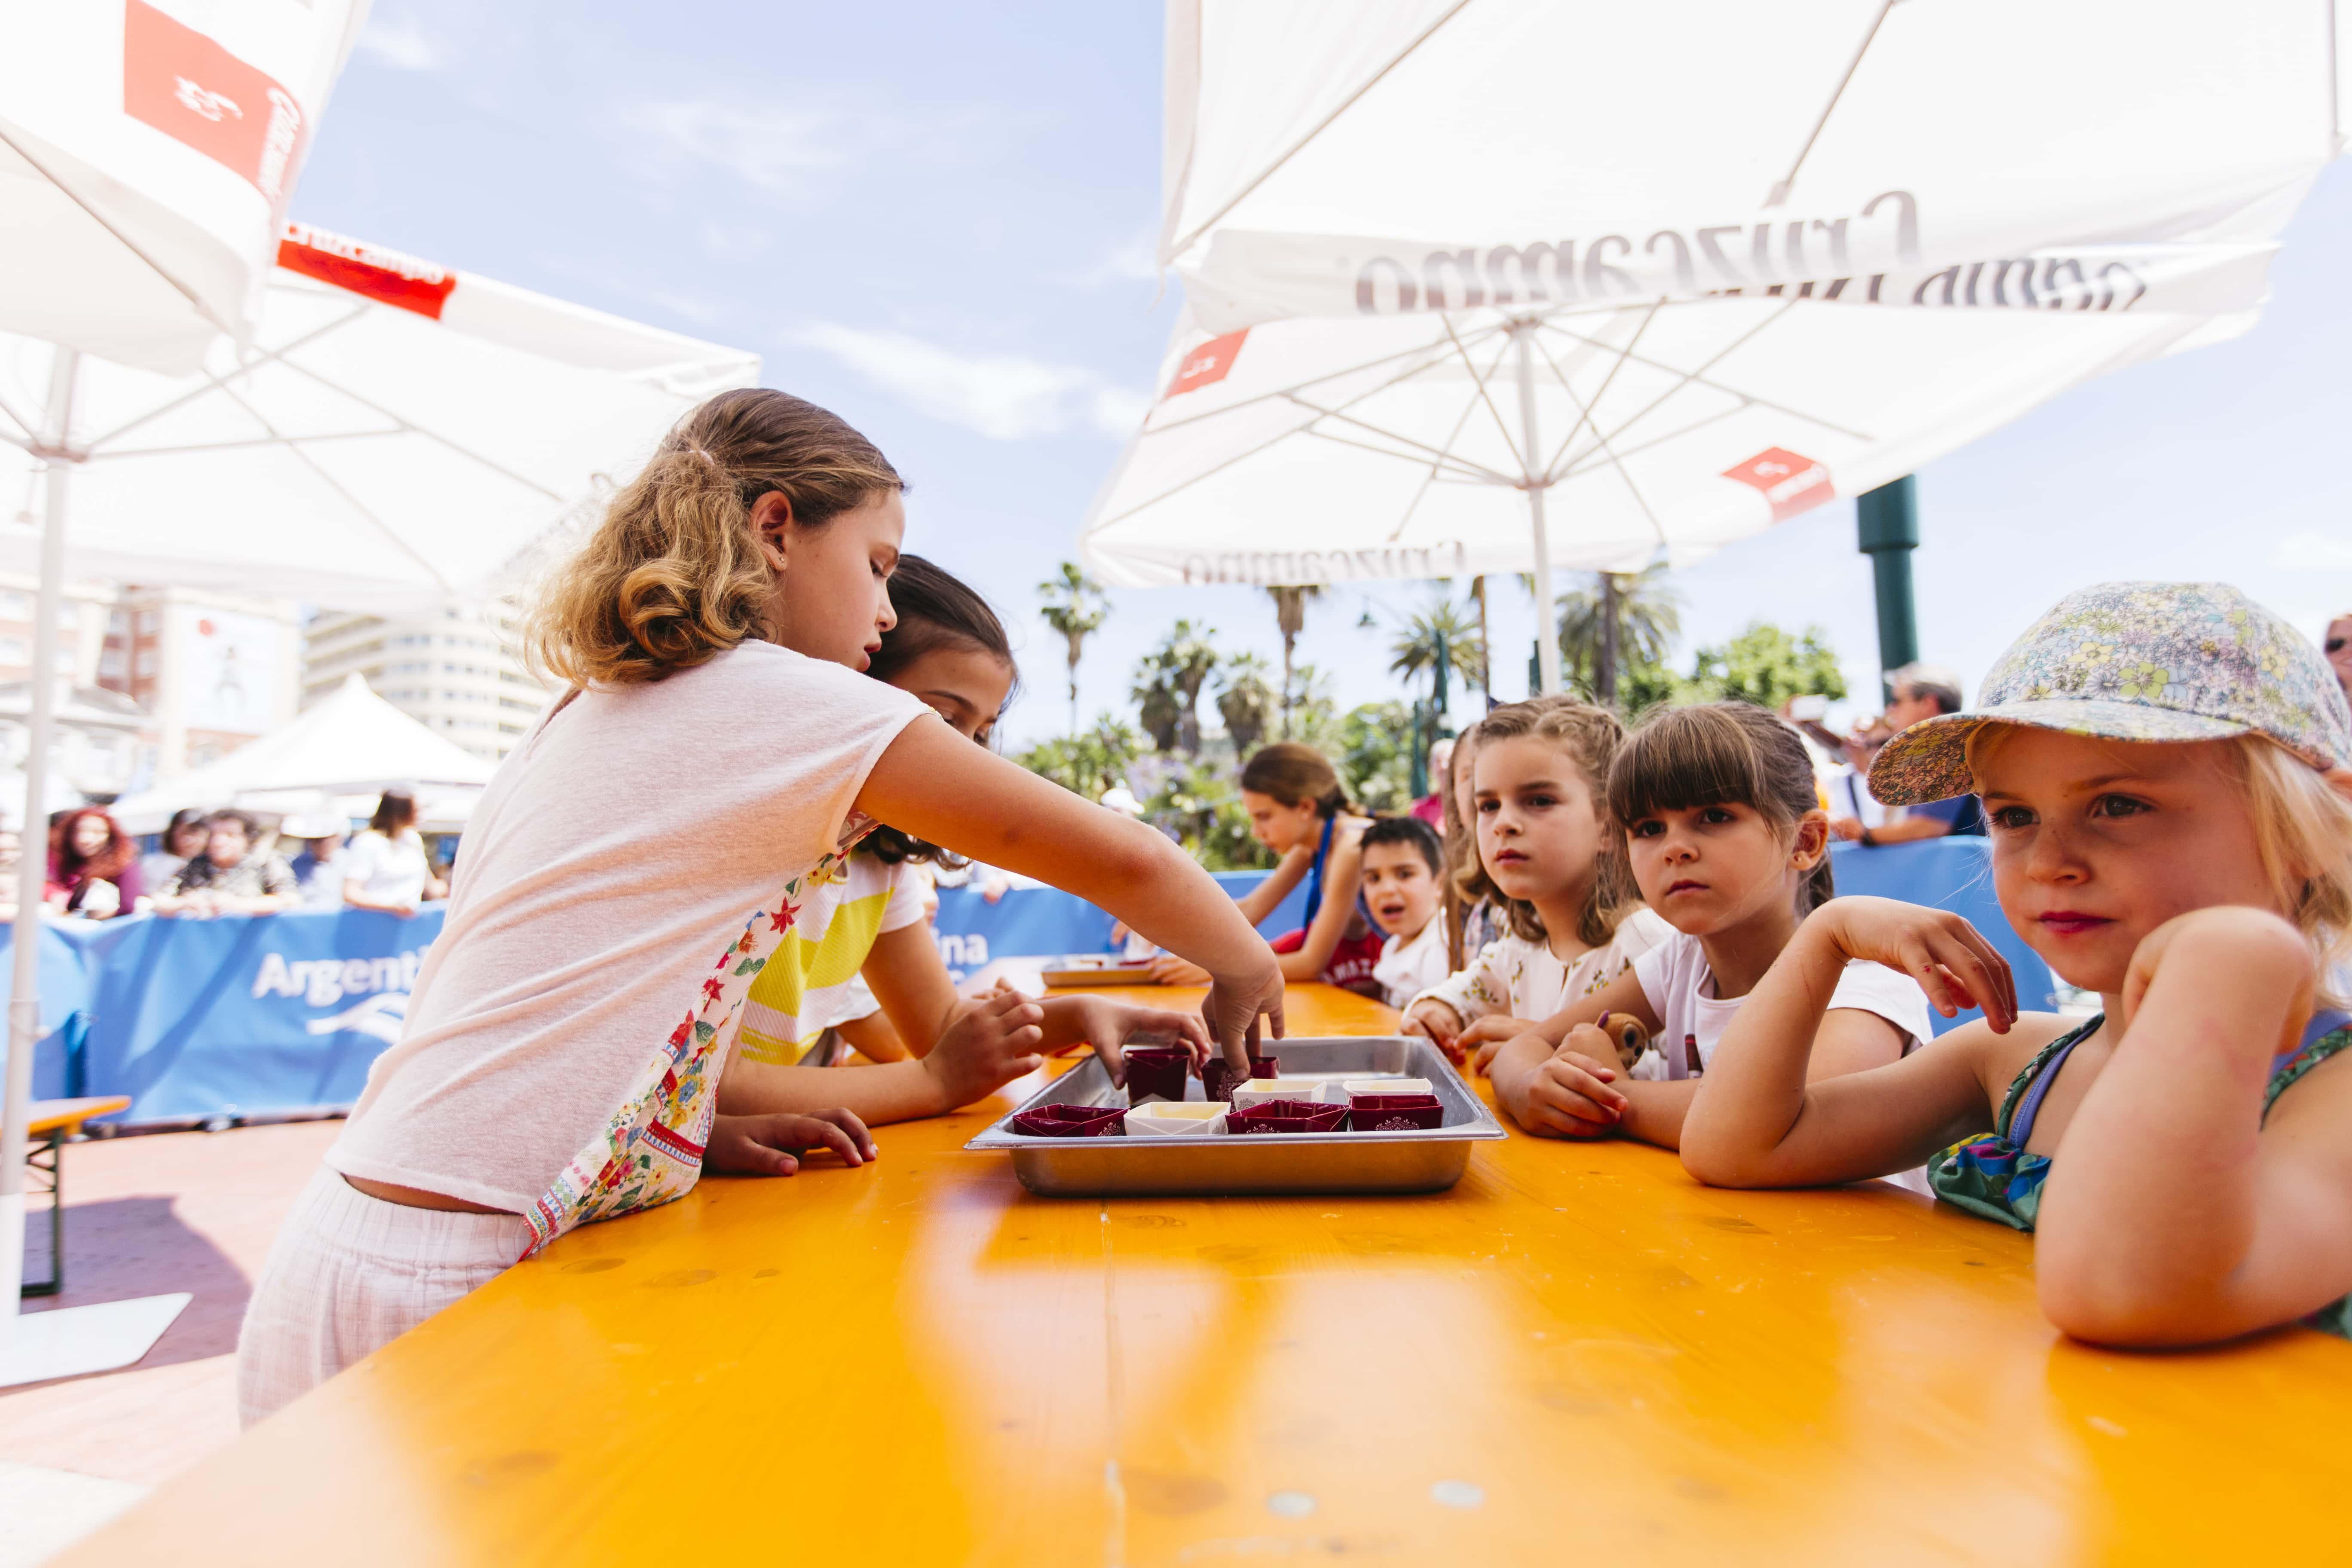 La Escuela de Cocina la Mesa Málaga | Málaga Gastronomy Festival 2018